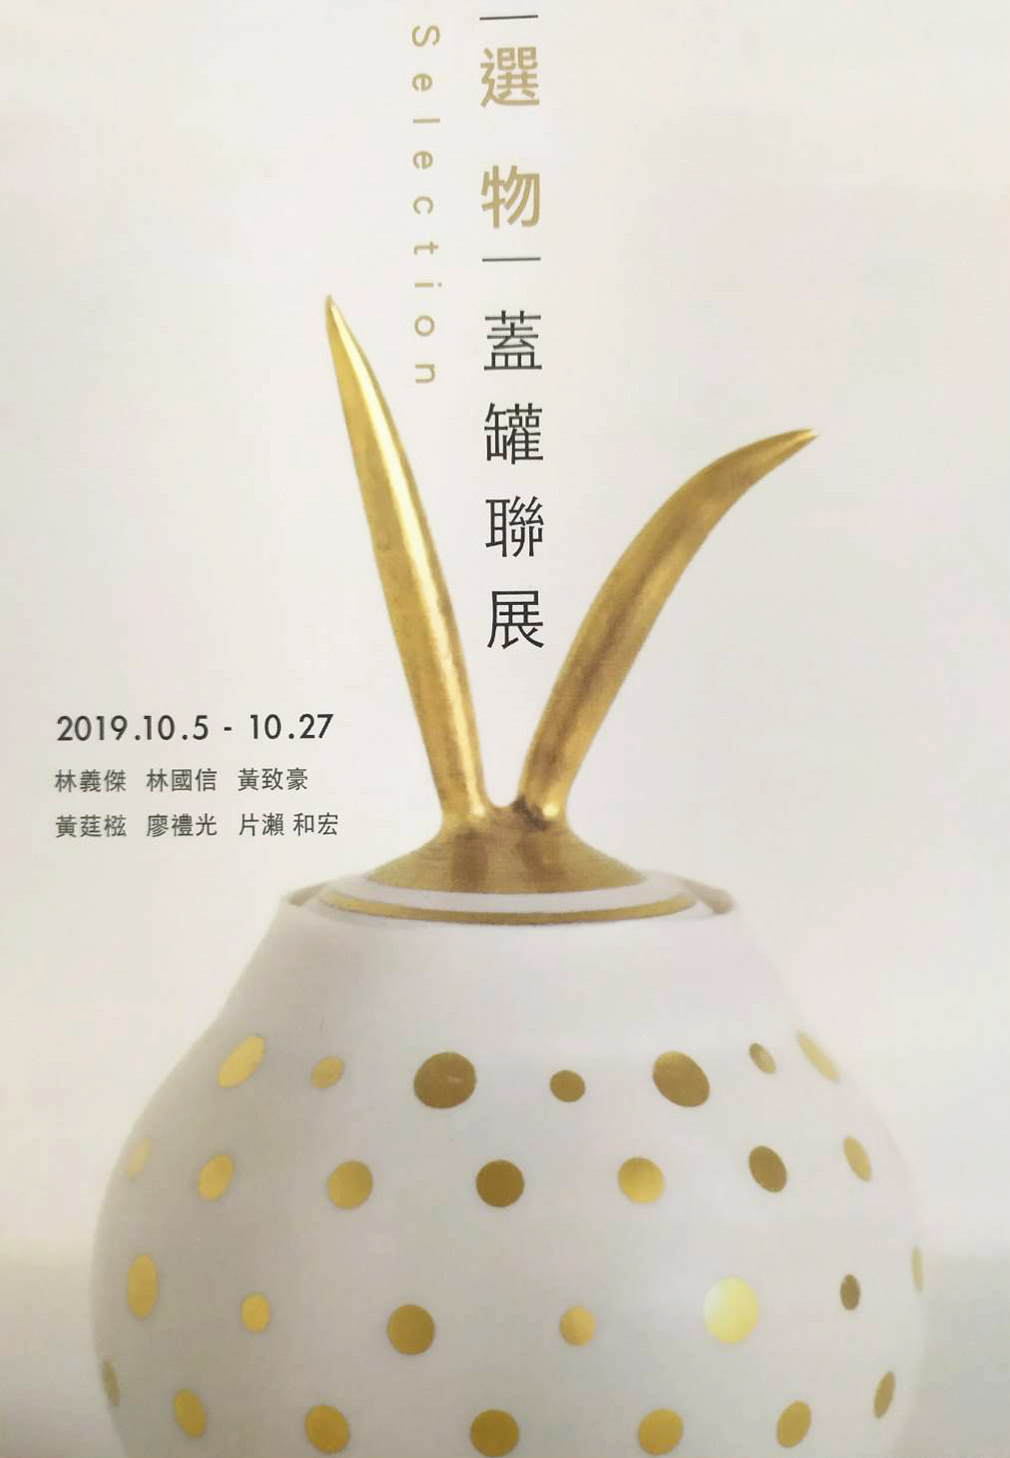 林國信|選物|蓋罐聯展